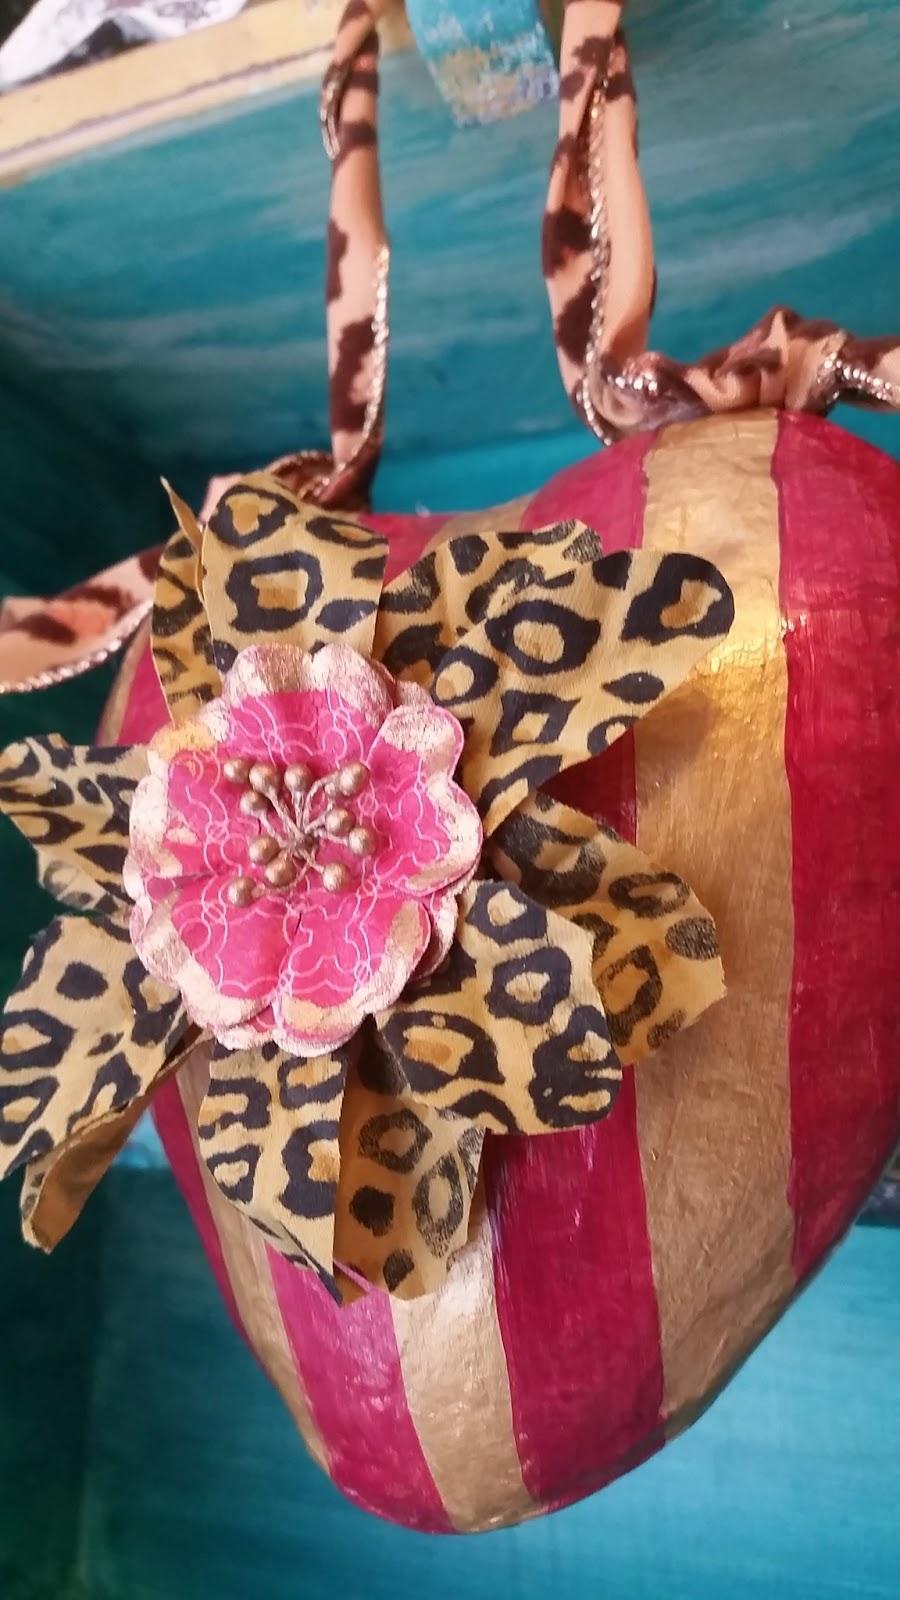 leopard print Valentine heart ornament door knob hanger